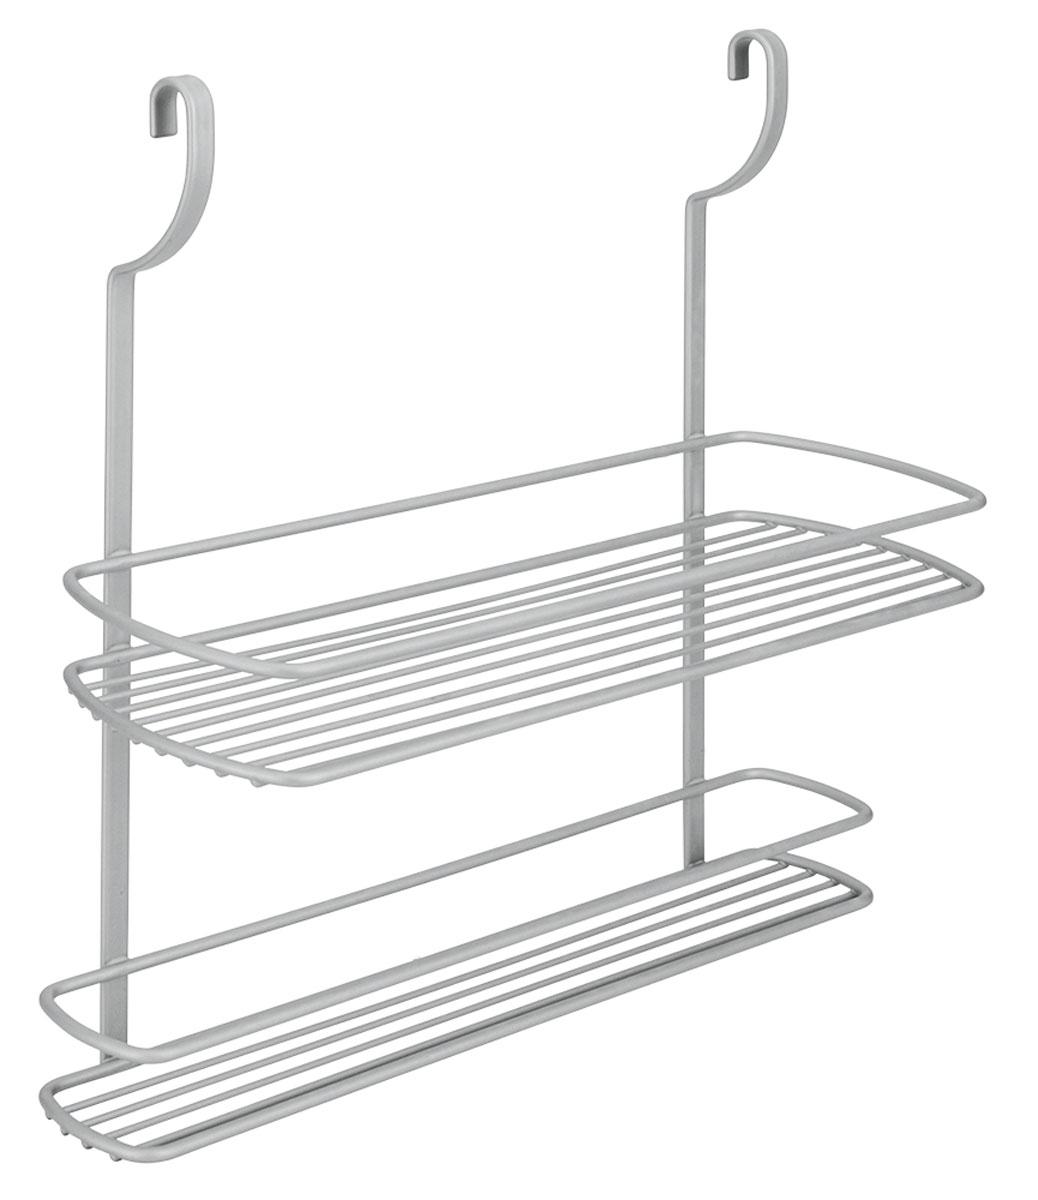 Полка навесная Metaltex City, двухъярусная, 35 х 13 х 38 смВетерок 2ГФНавесная двухъярусная полка Metaltex City изготовлена из стали и покрыта новым полимерным покрытием Frost Polytherm. Такая полка не только экономит место на вашей кухне, но и обеспечивает наглядность, порядок и удобный доступ к кухонным принадлежностям.Современный дизайн делает ее практичным и стильным домашним аксессуаром. Она пригодится для хранения различных кухонных или других принадлежностей, которые всегда будут под рукой.Полка устанавливается на рейлинг с помощь двух крючков.